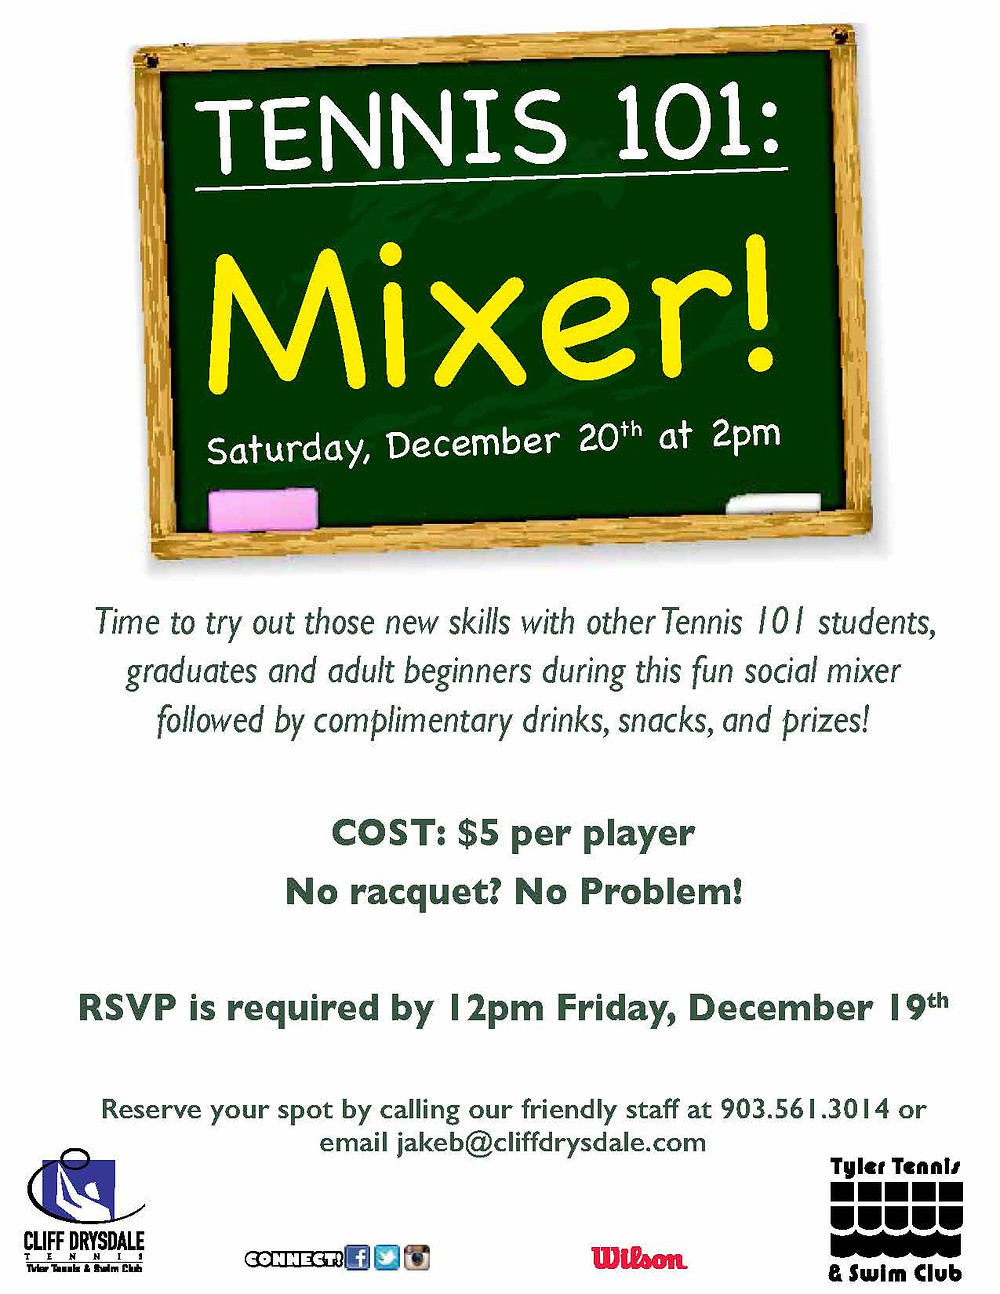 TTSC_101 Mixer14.jpg